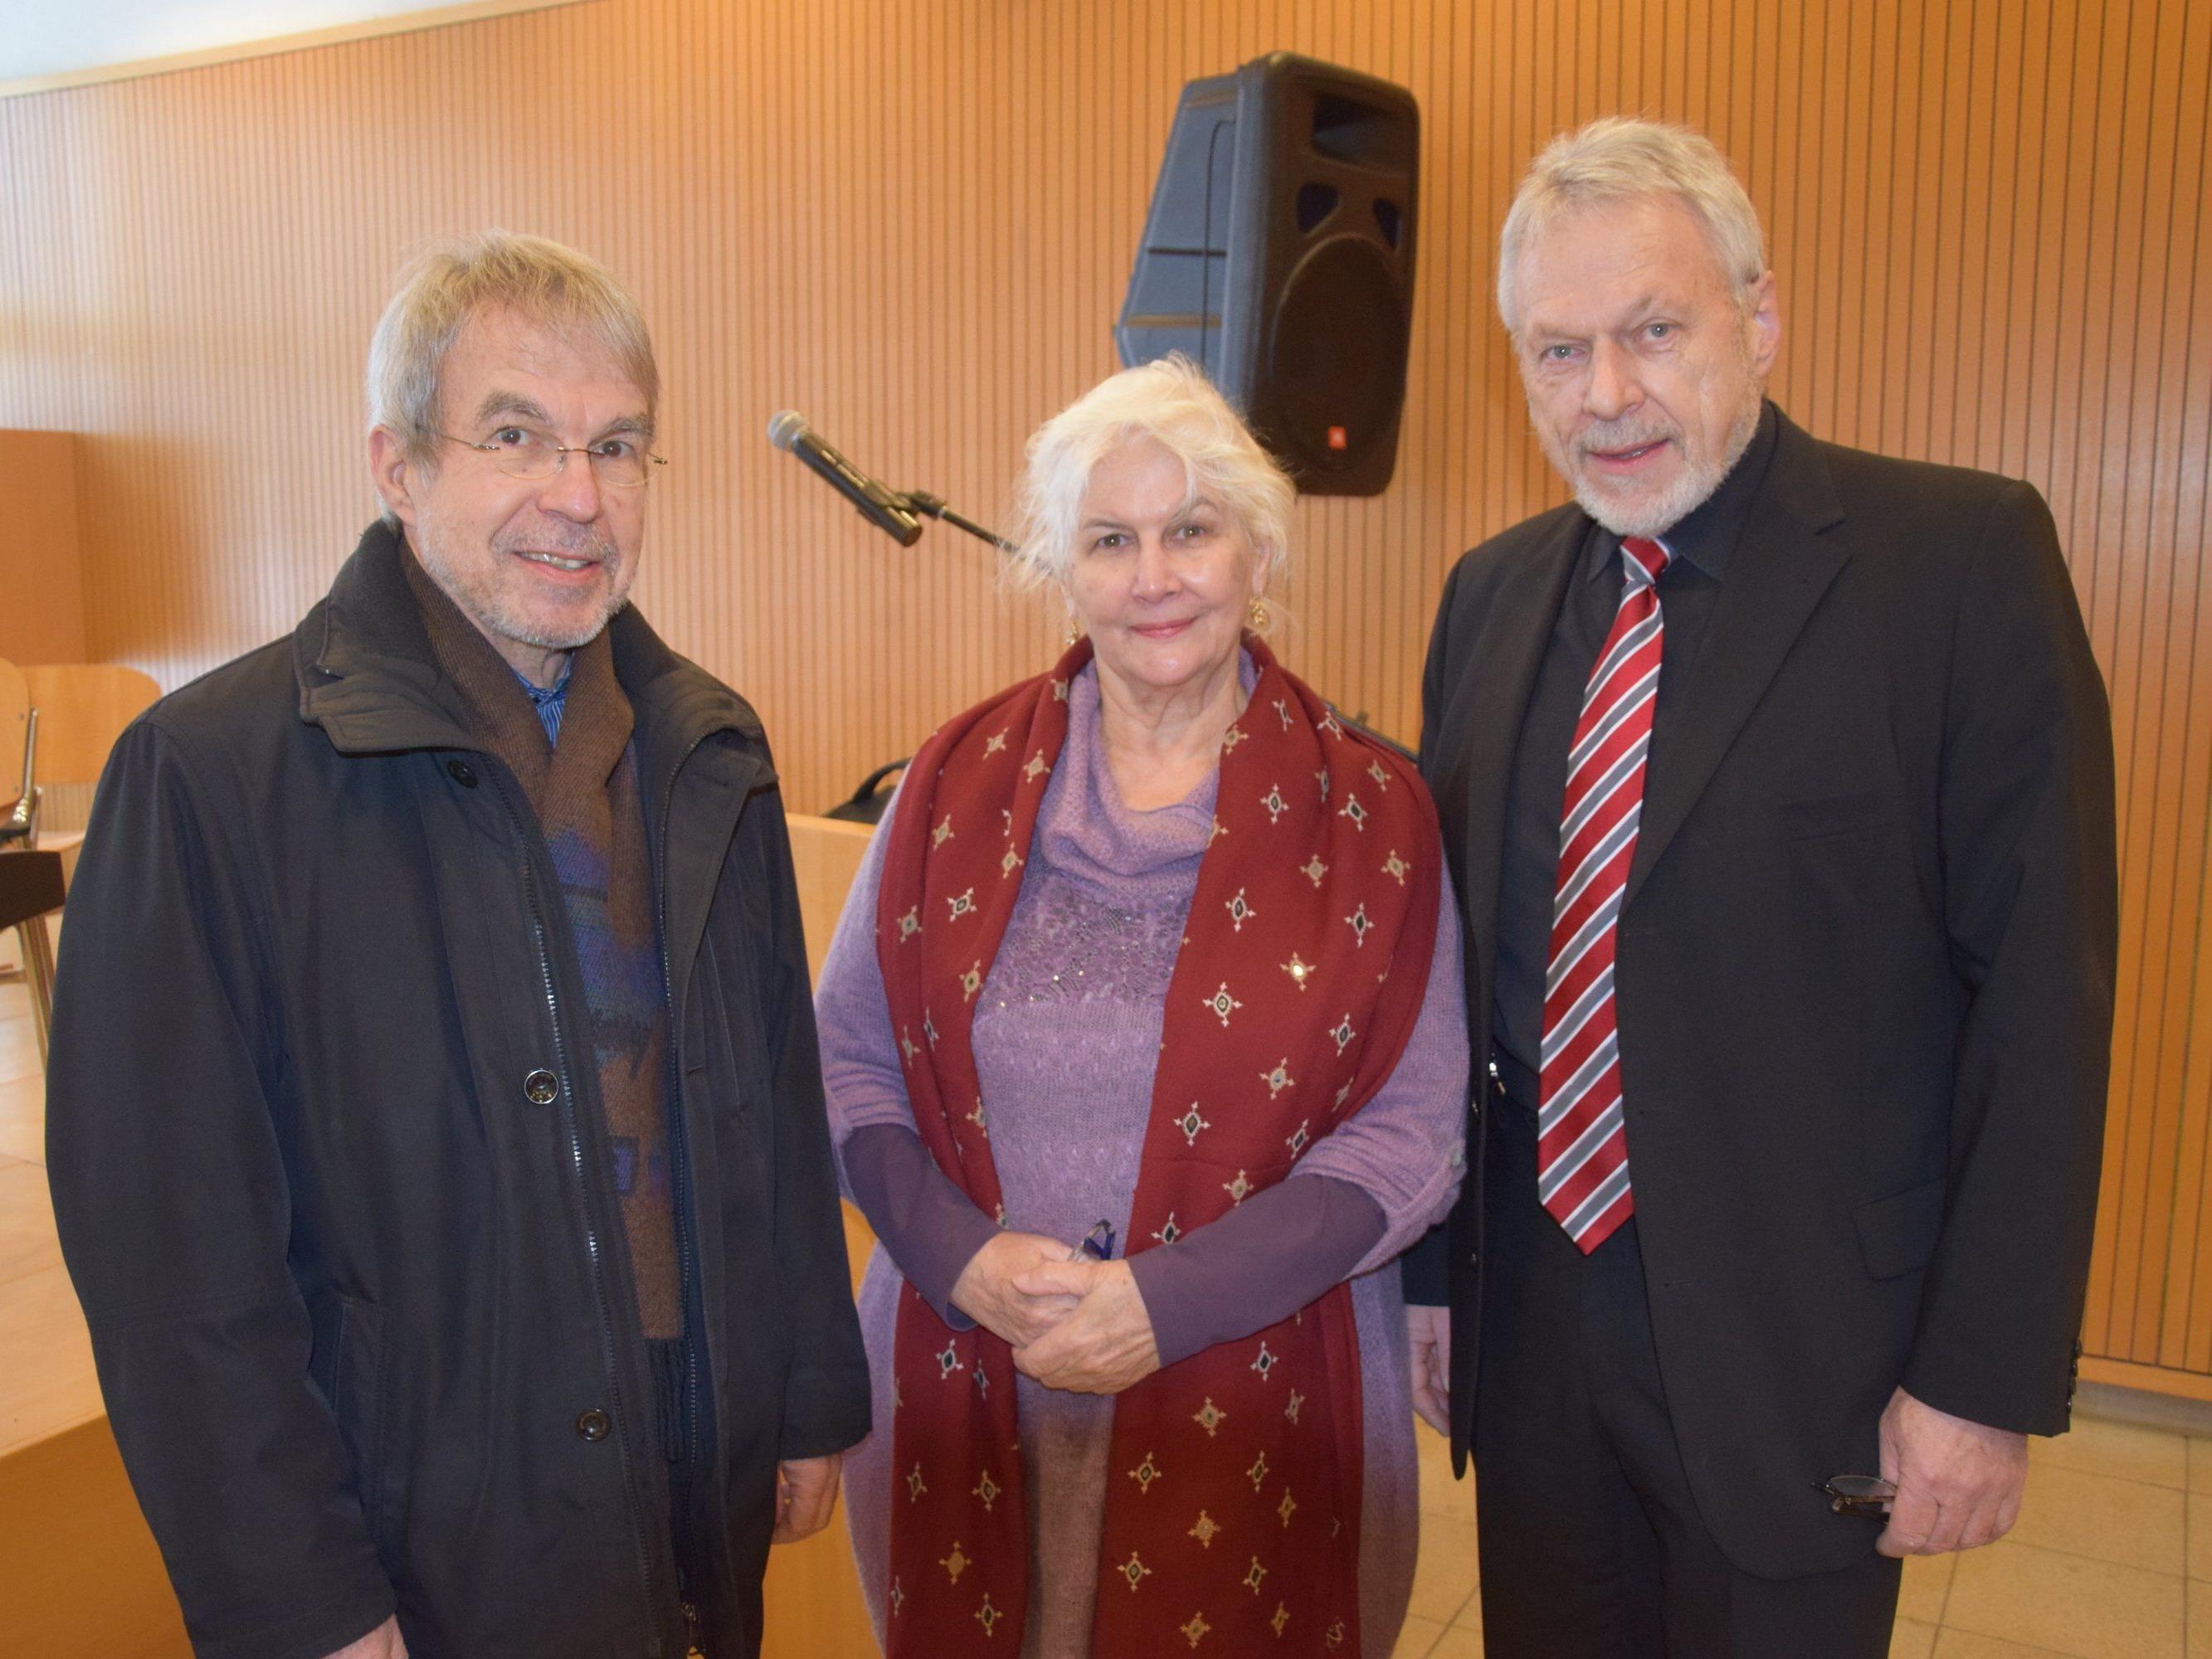 Gäste beim 23. Neujahrskonzert. v.l. Armin Greußing, Marlies Küng-Rüdisser & Jose Oberhauser